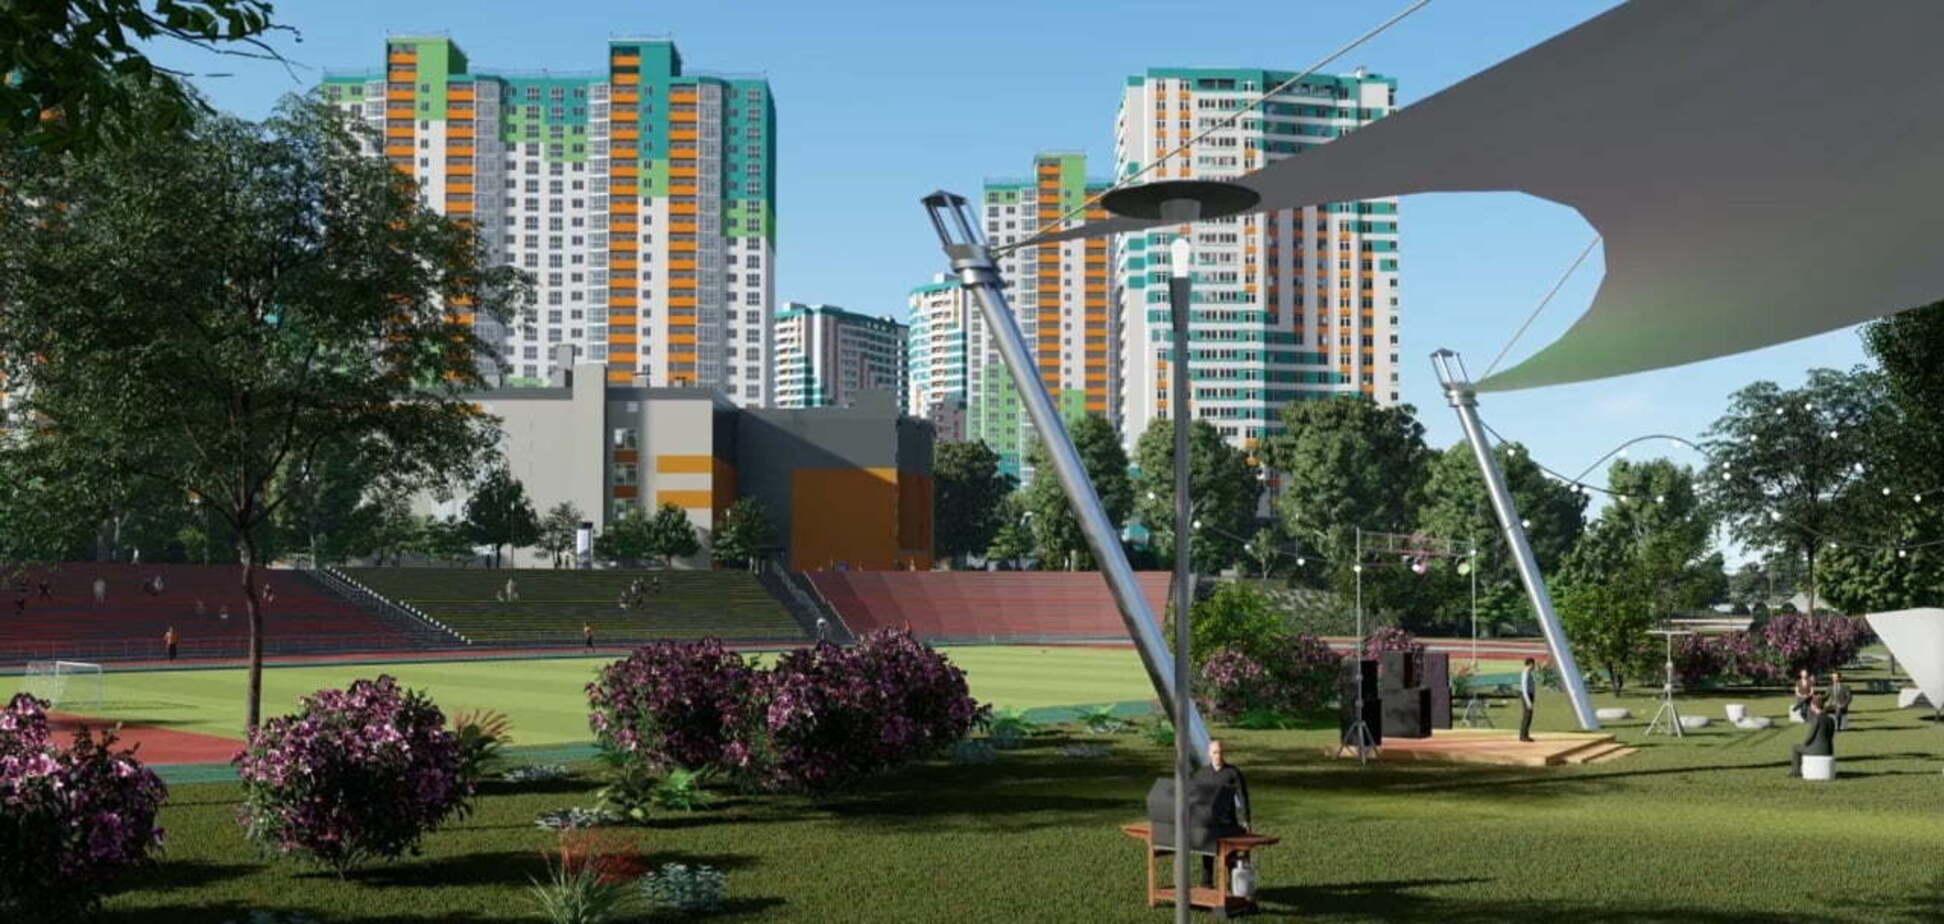 Київський забудовник Stolitsa Grоup хоче побудувати підстанцію для приєднання ЖК 'Патріотика на озерах'